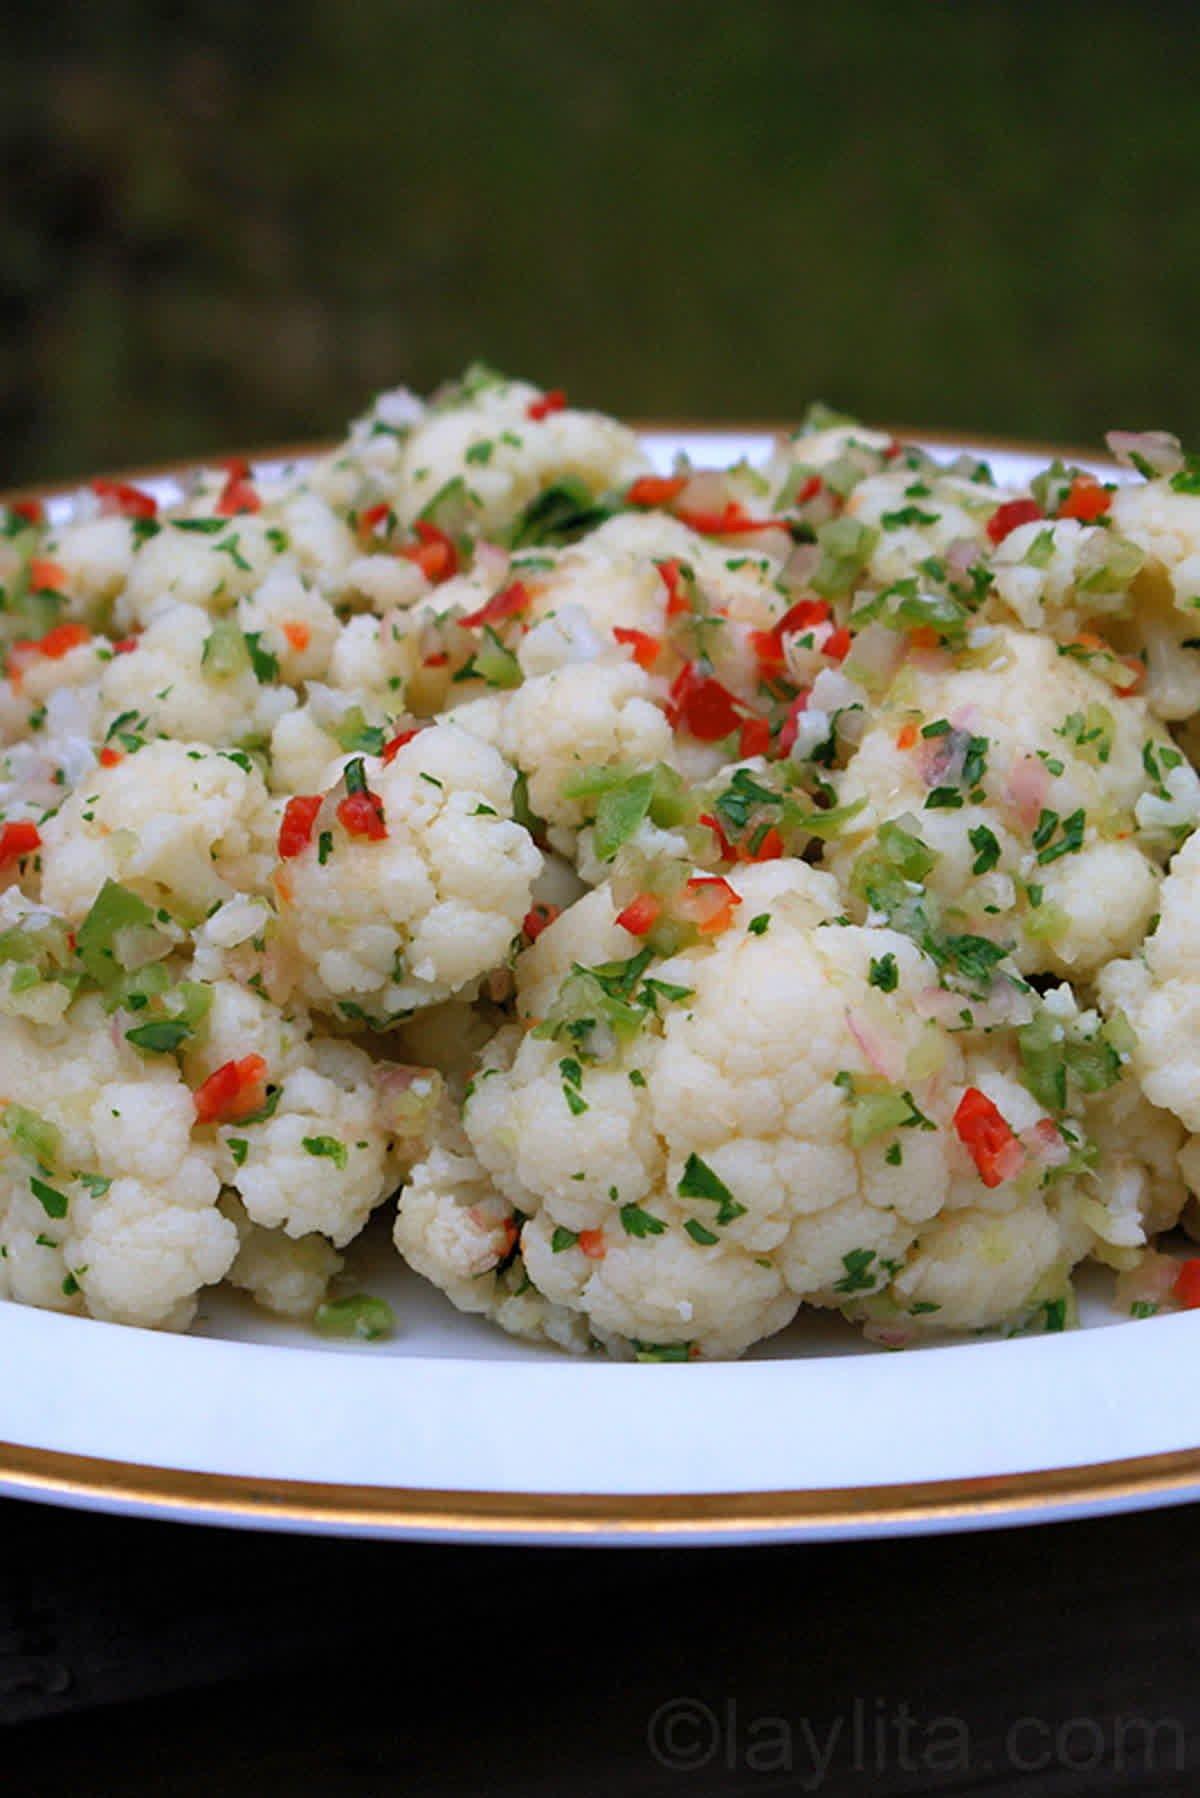 Salade de chou-fleur et sa vinaigrette épicée aux échalotes - Recettes de Laylita